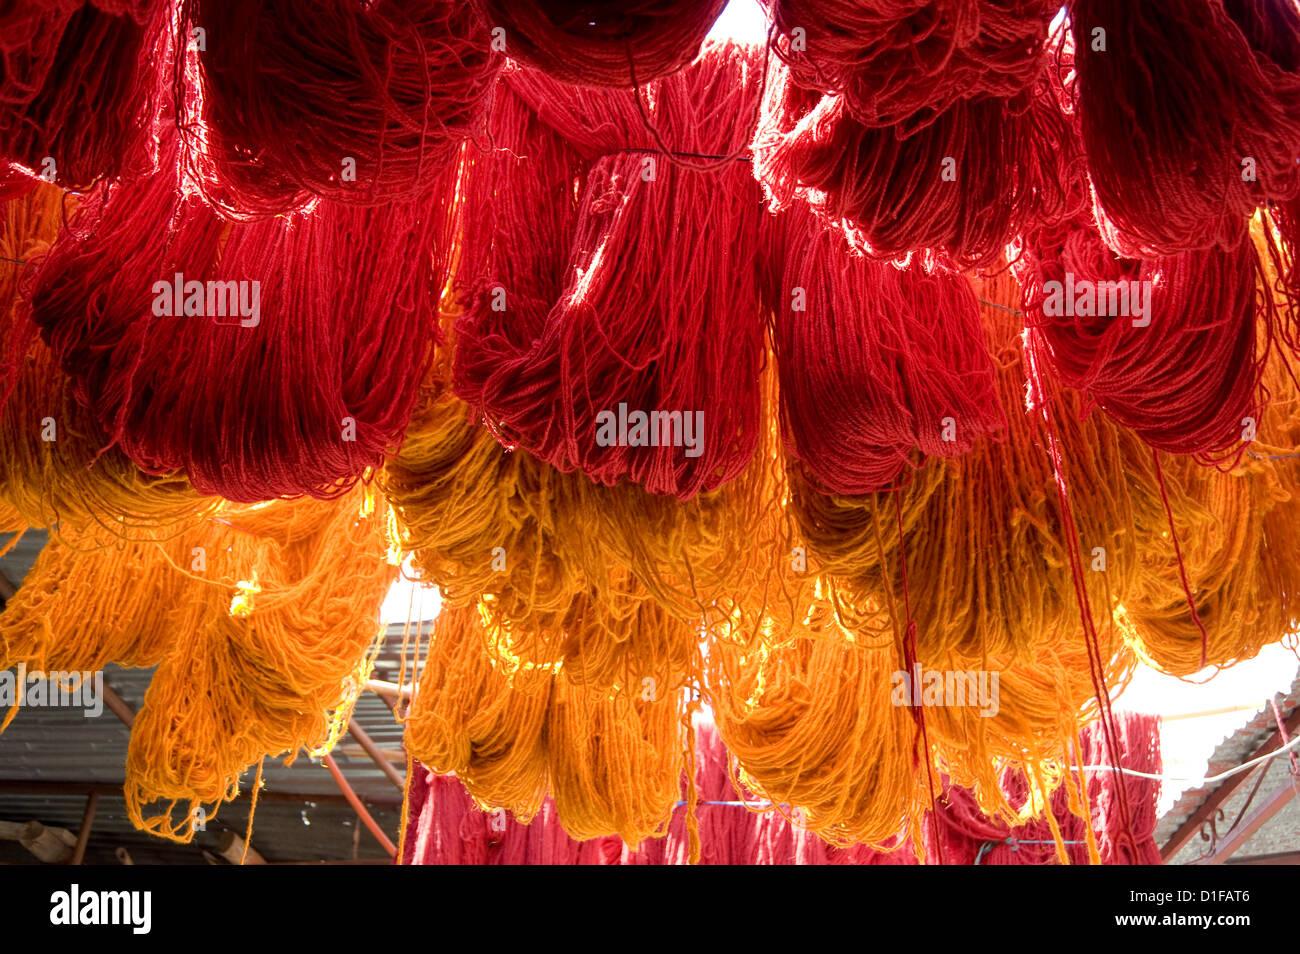 Bunte Wolle hängen zum Trocknen in die Färber Souk, Marrakesch, Marokko, Nordafrika, Afrika Stockbild